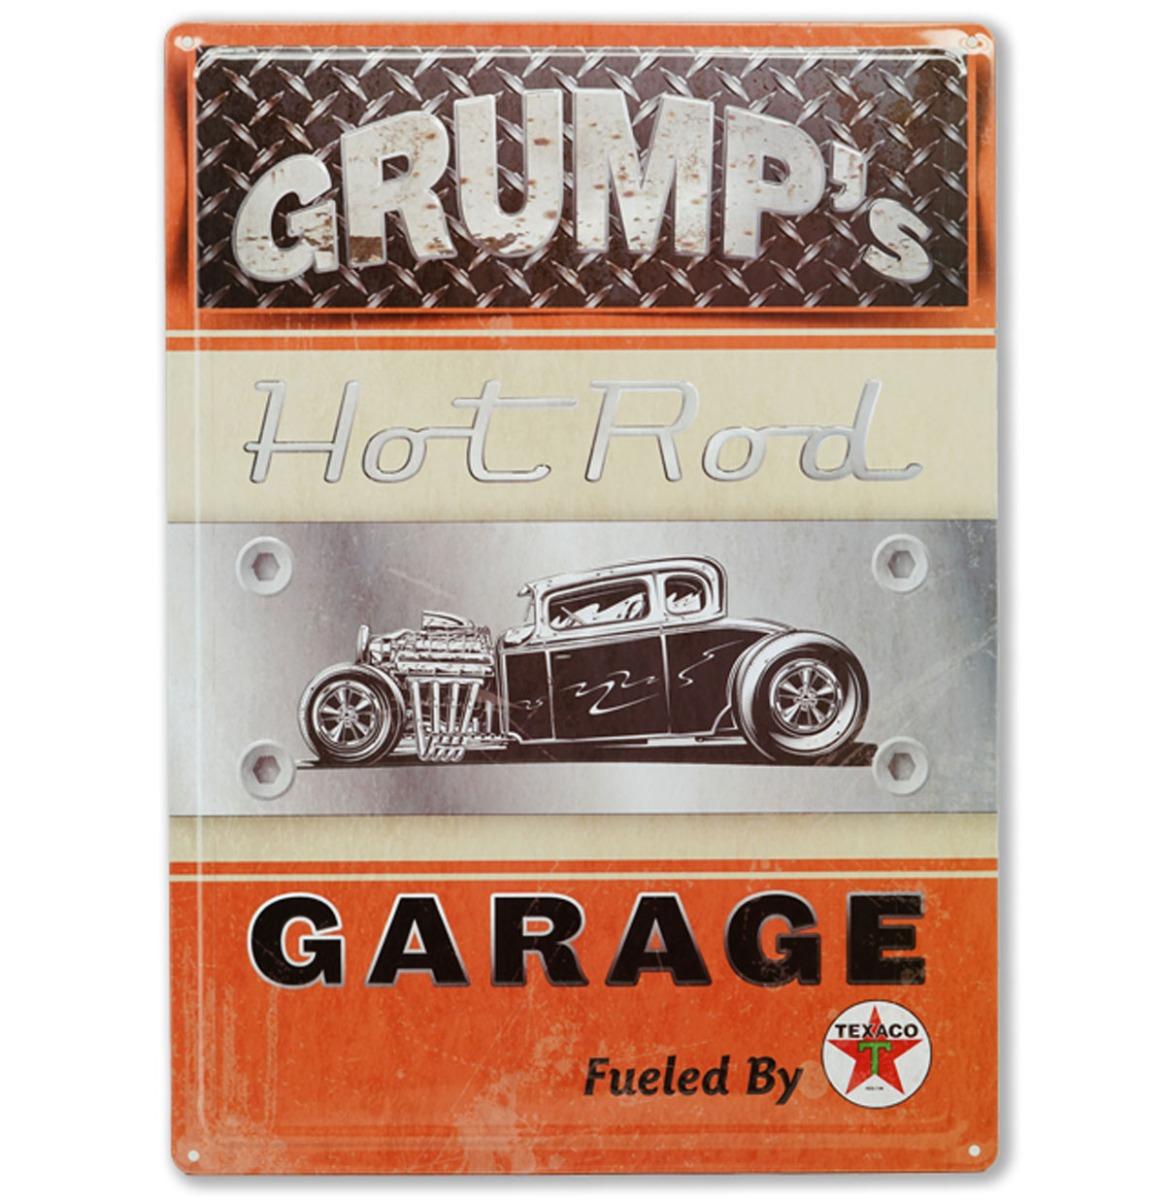 Grump's Hot Rod Garage Metalen Bord Met Reliëf 43 x 31 cm